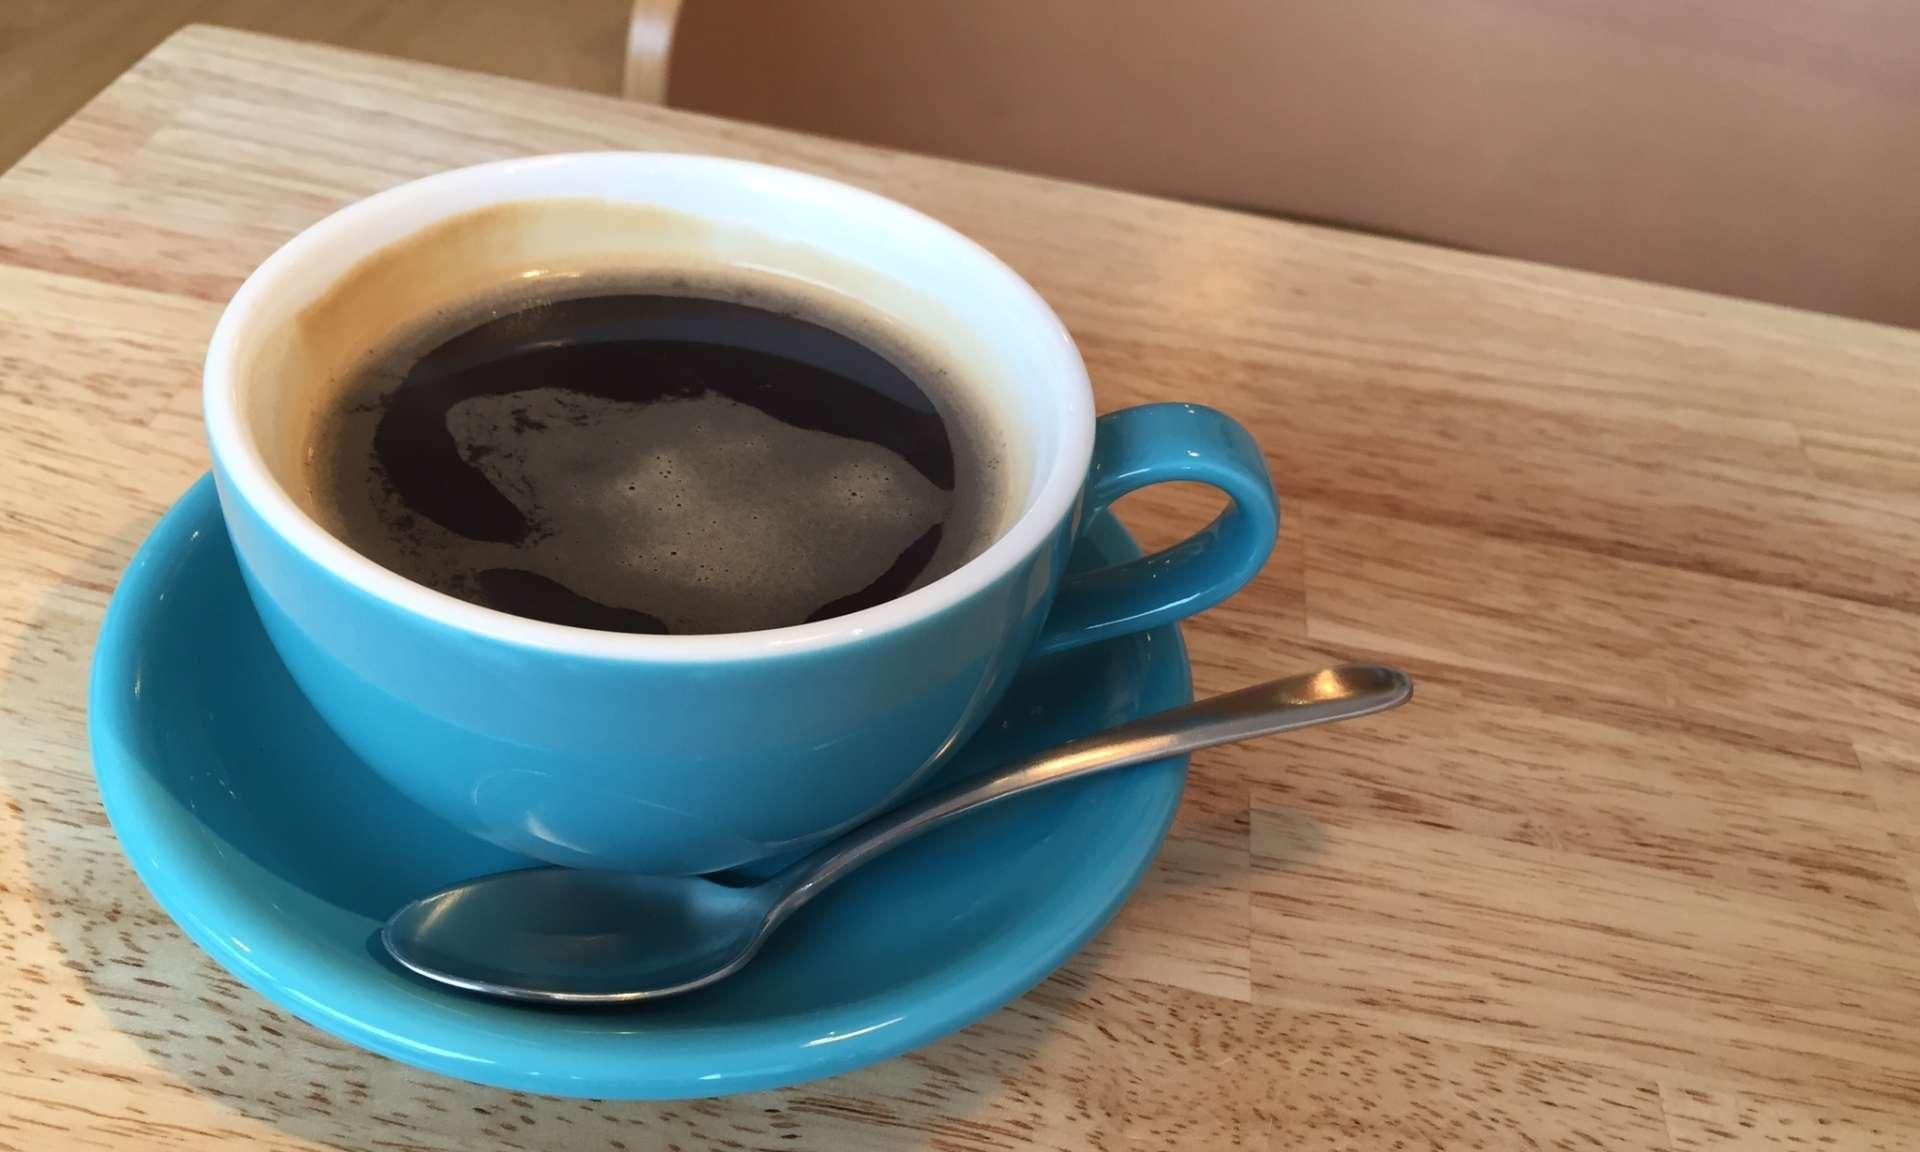 永作博美さんのカフェ「ヨダかカフェ」 ご本人がいる?|移転先やカフェメニューも紹介